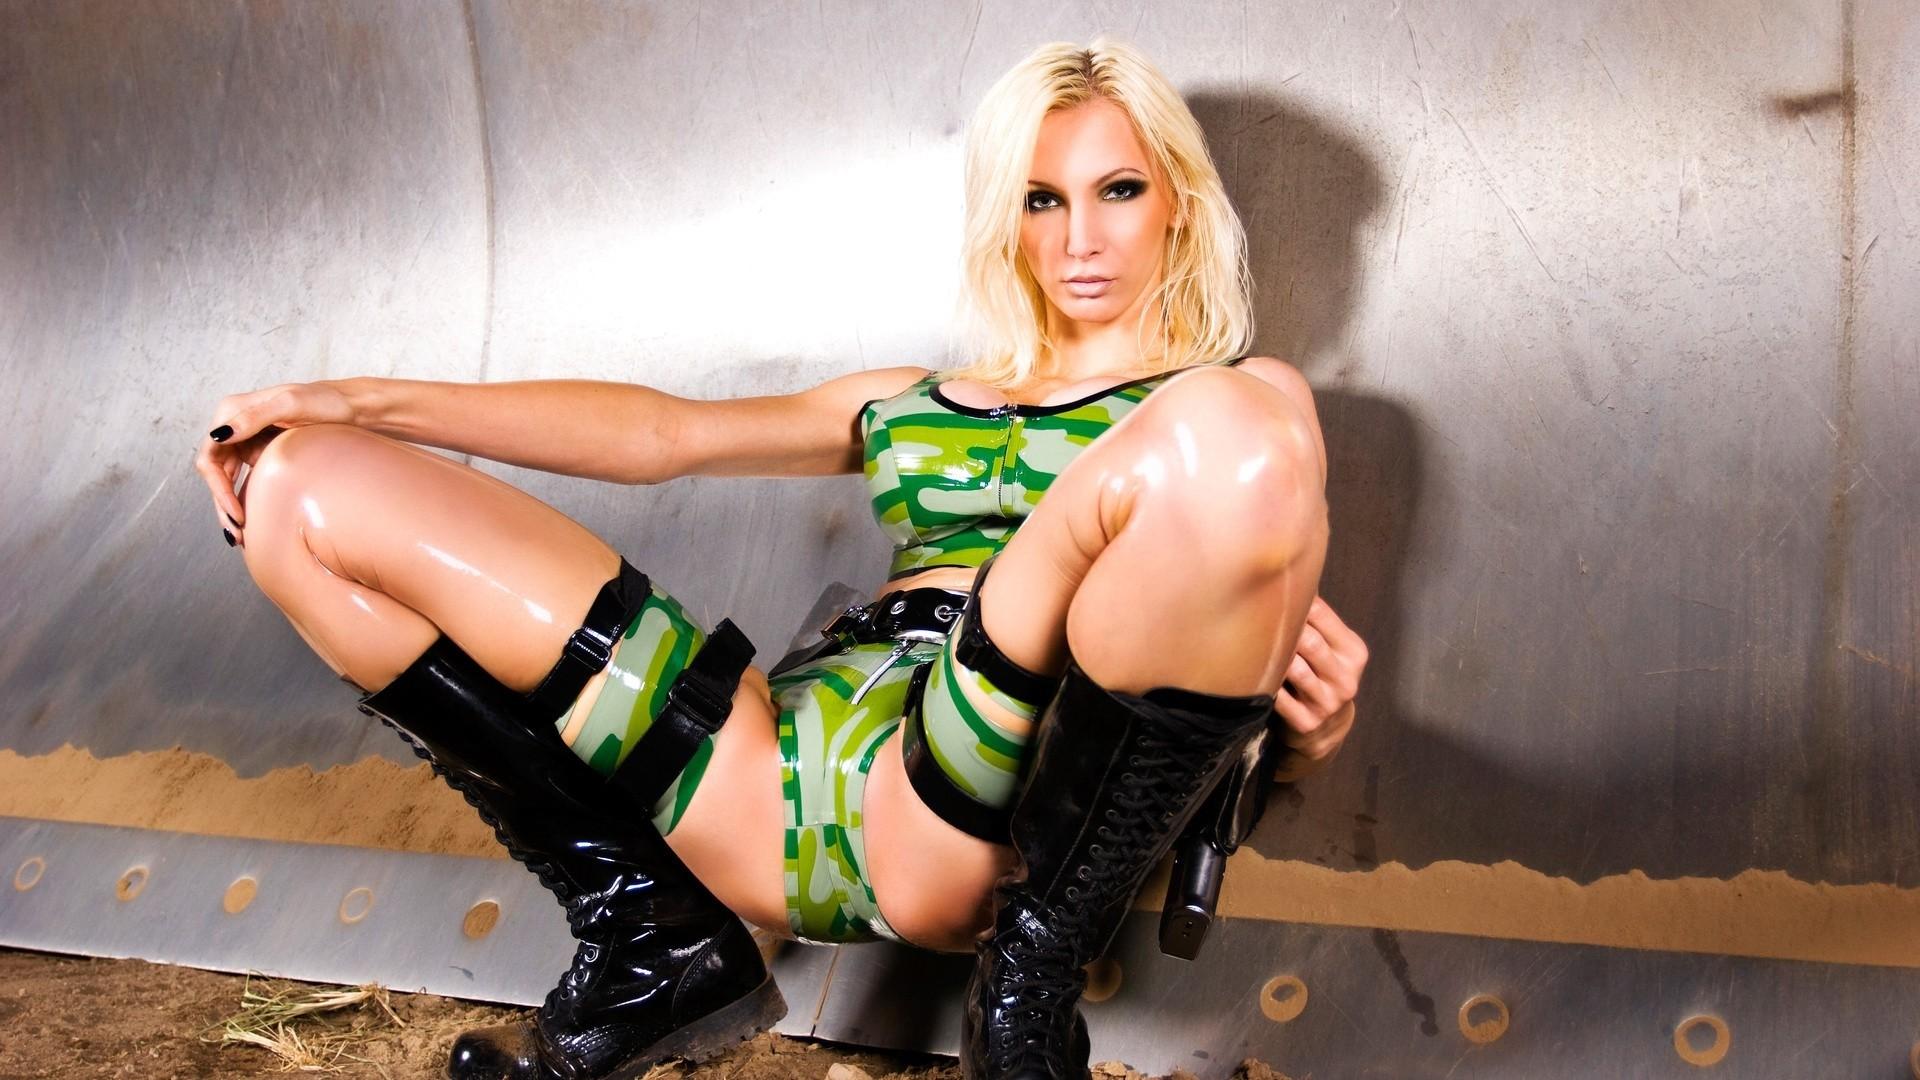 Эро фото девушки латекс бикини — pic 1